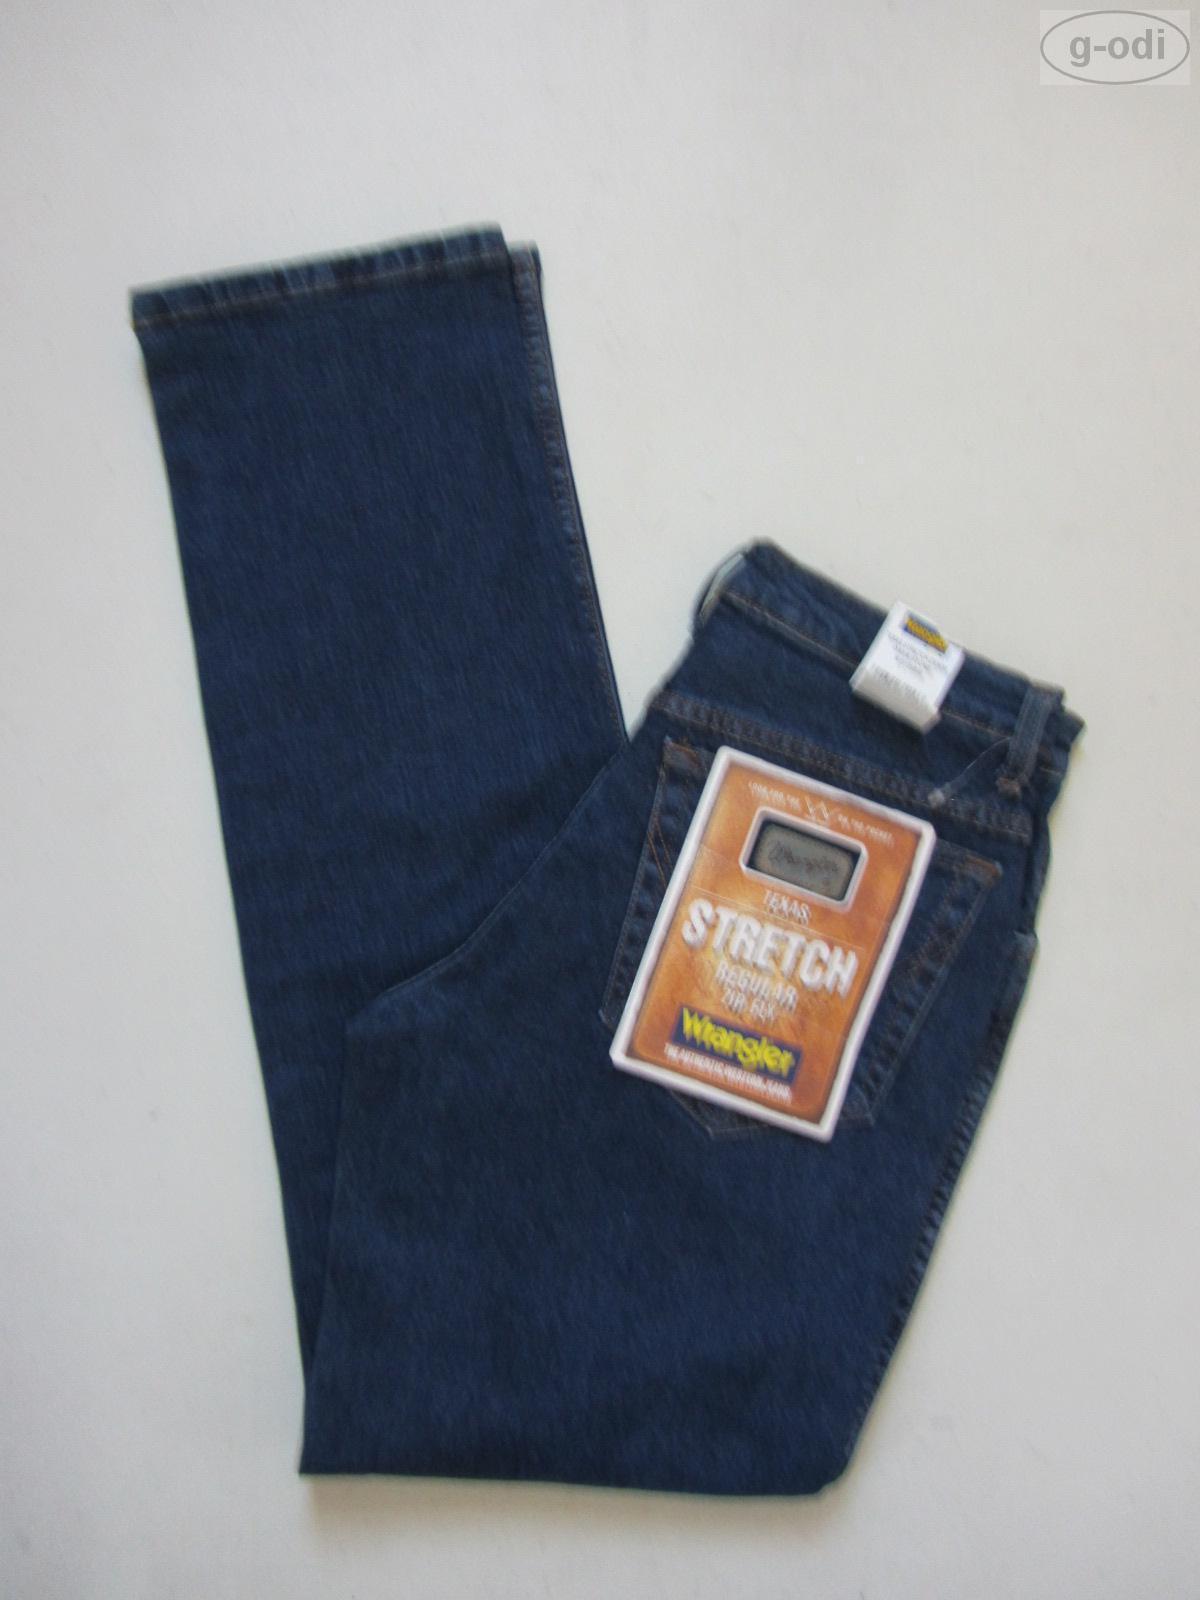 Wrangler TEXAS Stretch Jeans, W 31  L 34, NEU   Darkstone Washed Denim, bequem